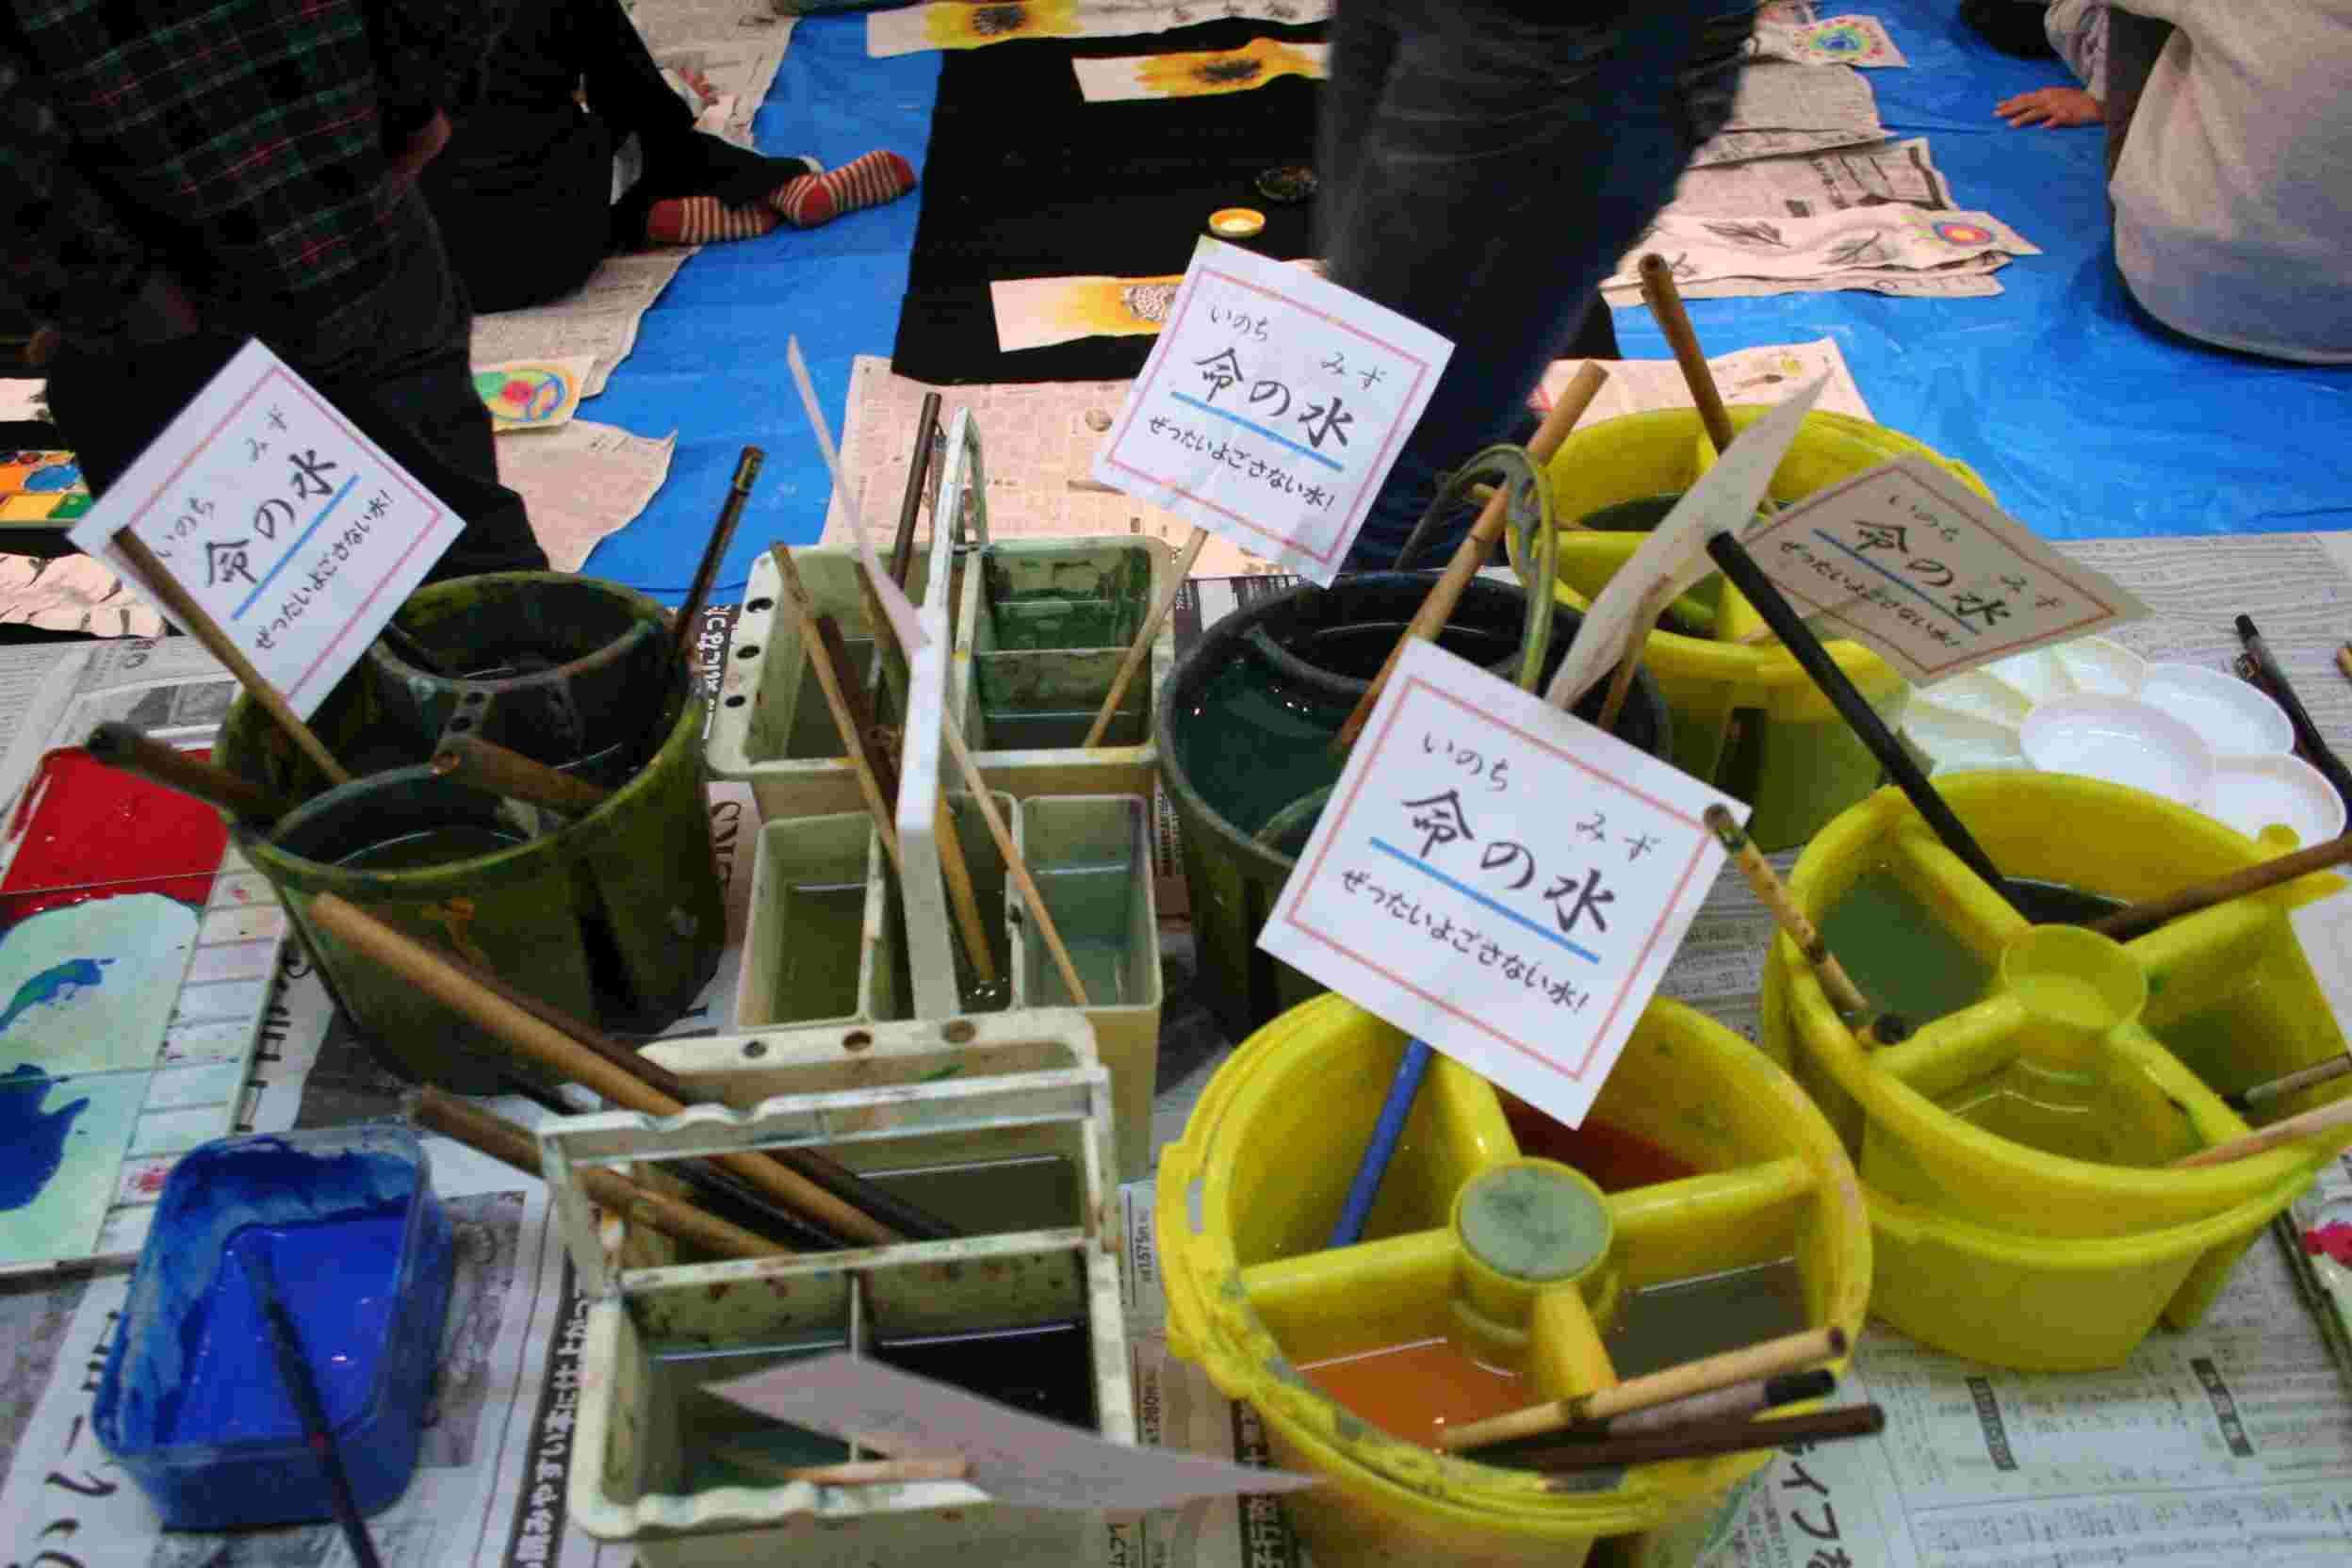 アトリエ太陽の子 の展覧会 神戸_e0167771_1832159.jpg